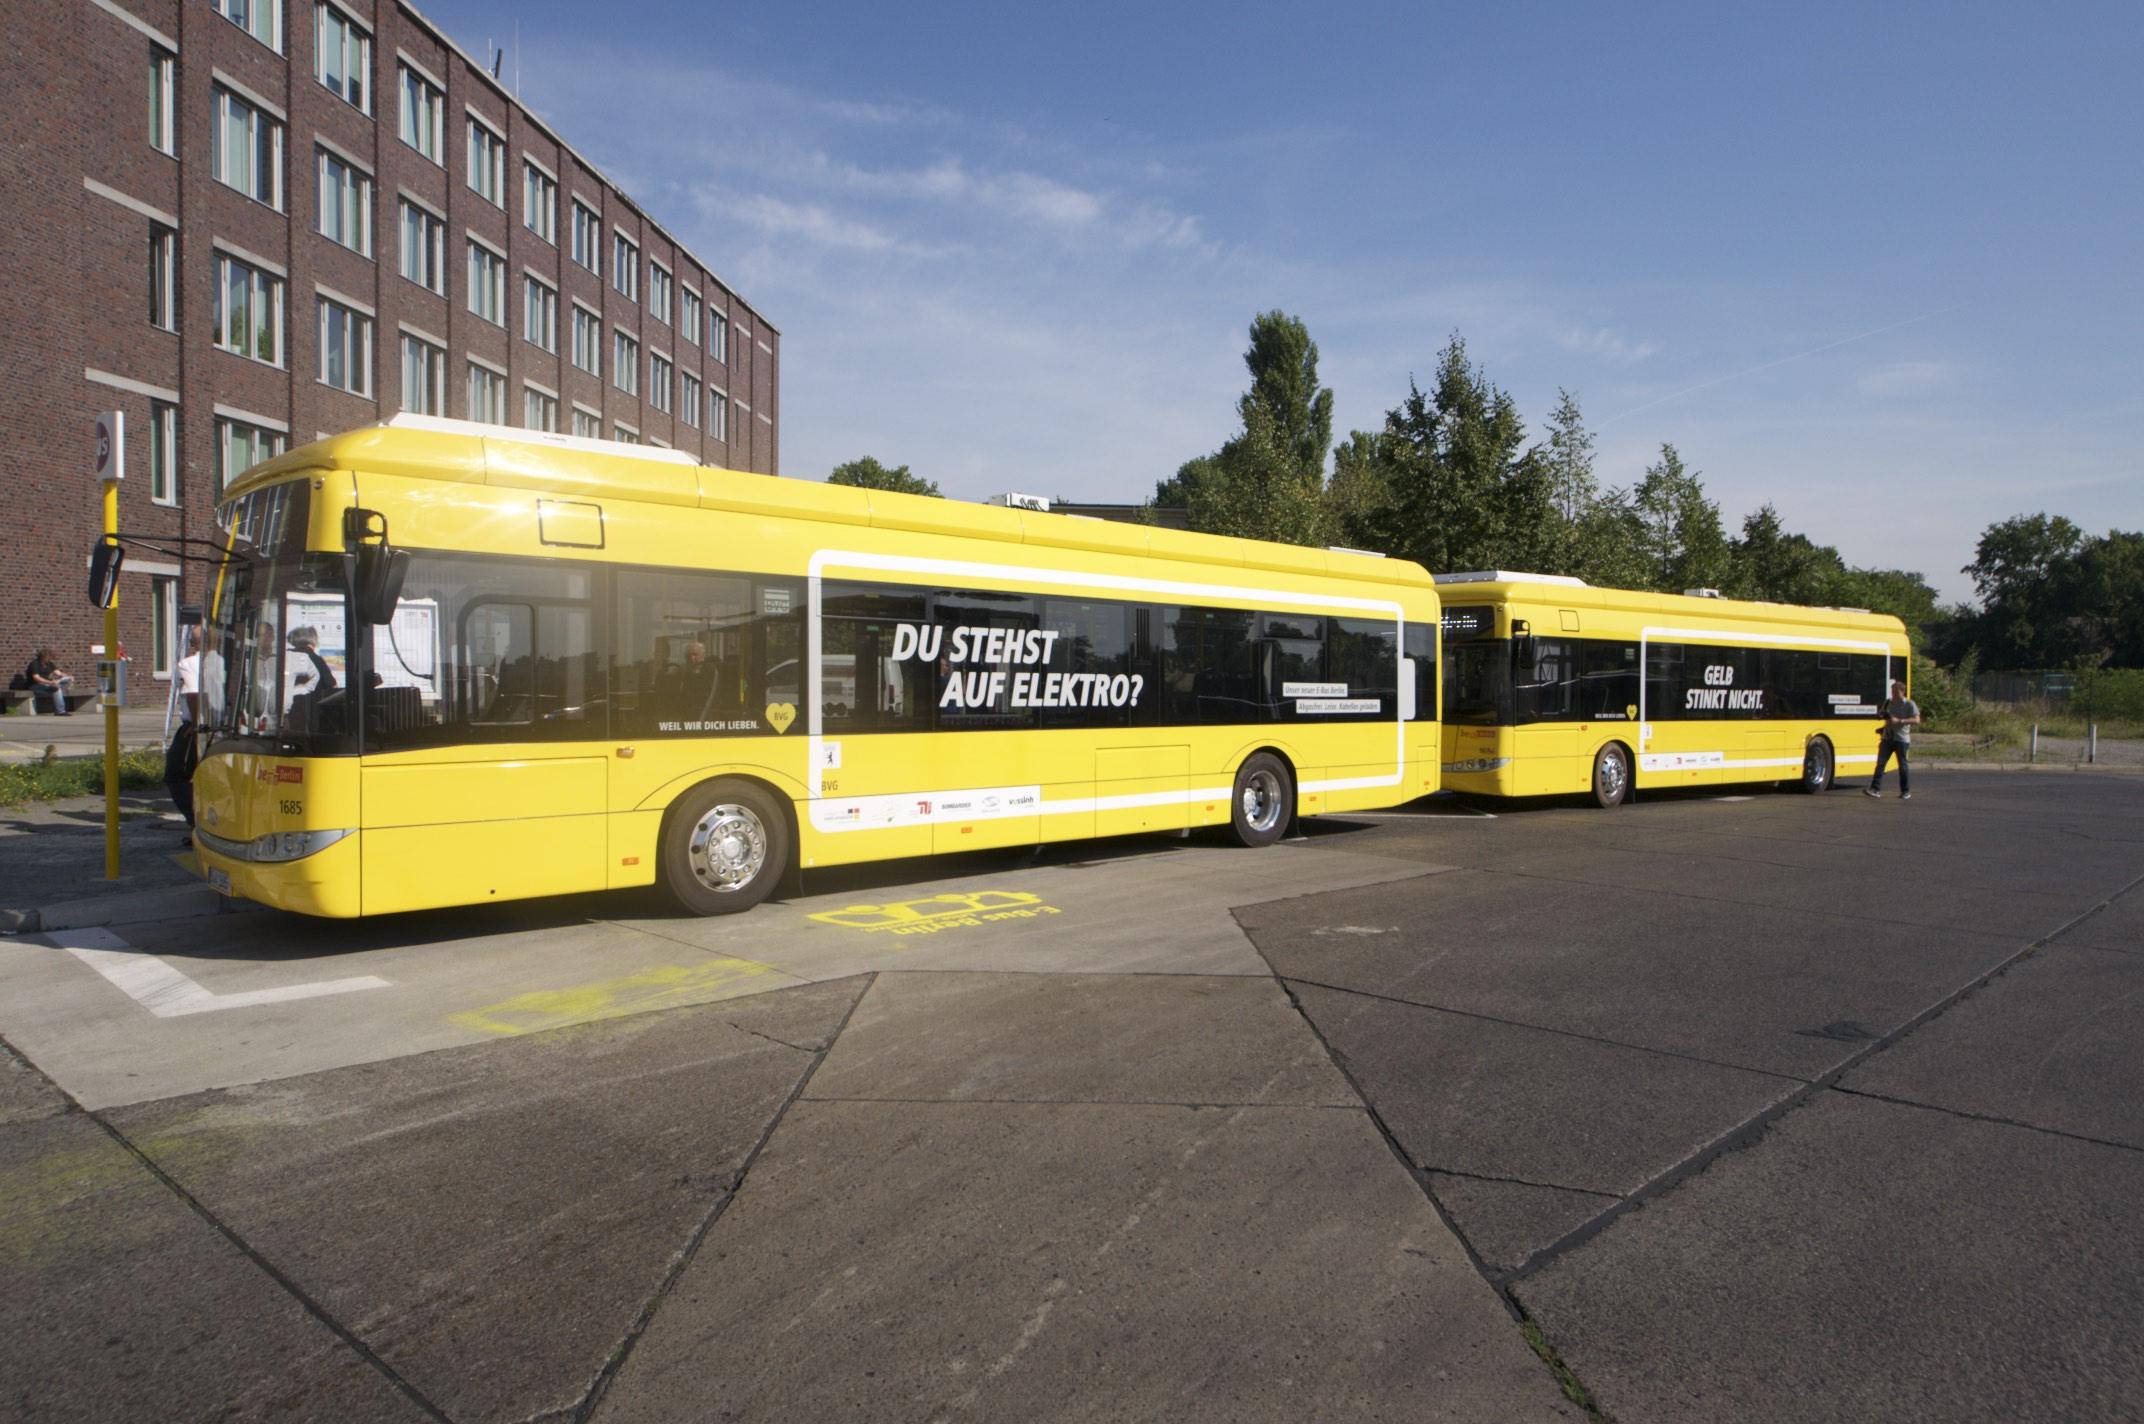 Bombardier Primove: Die BVG hat Probleme mit ihren Berliner Induktionsbussen - Abfahrbereit am Morgen des 31. August 2015. Die Busse... (Foto: Andreas Sebayang/Golem.de)